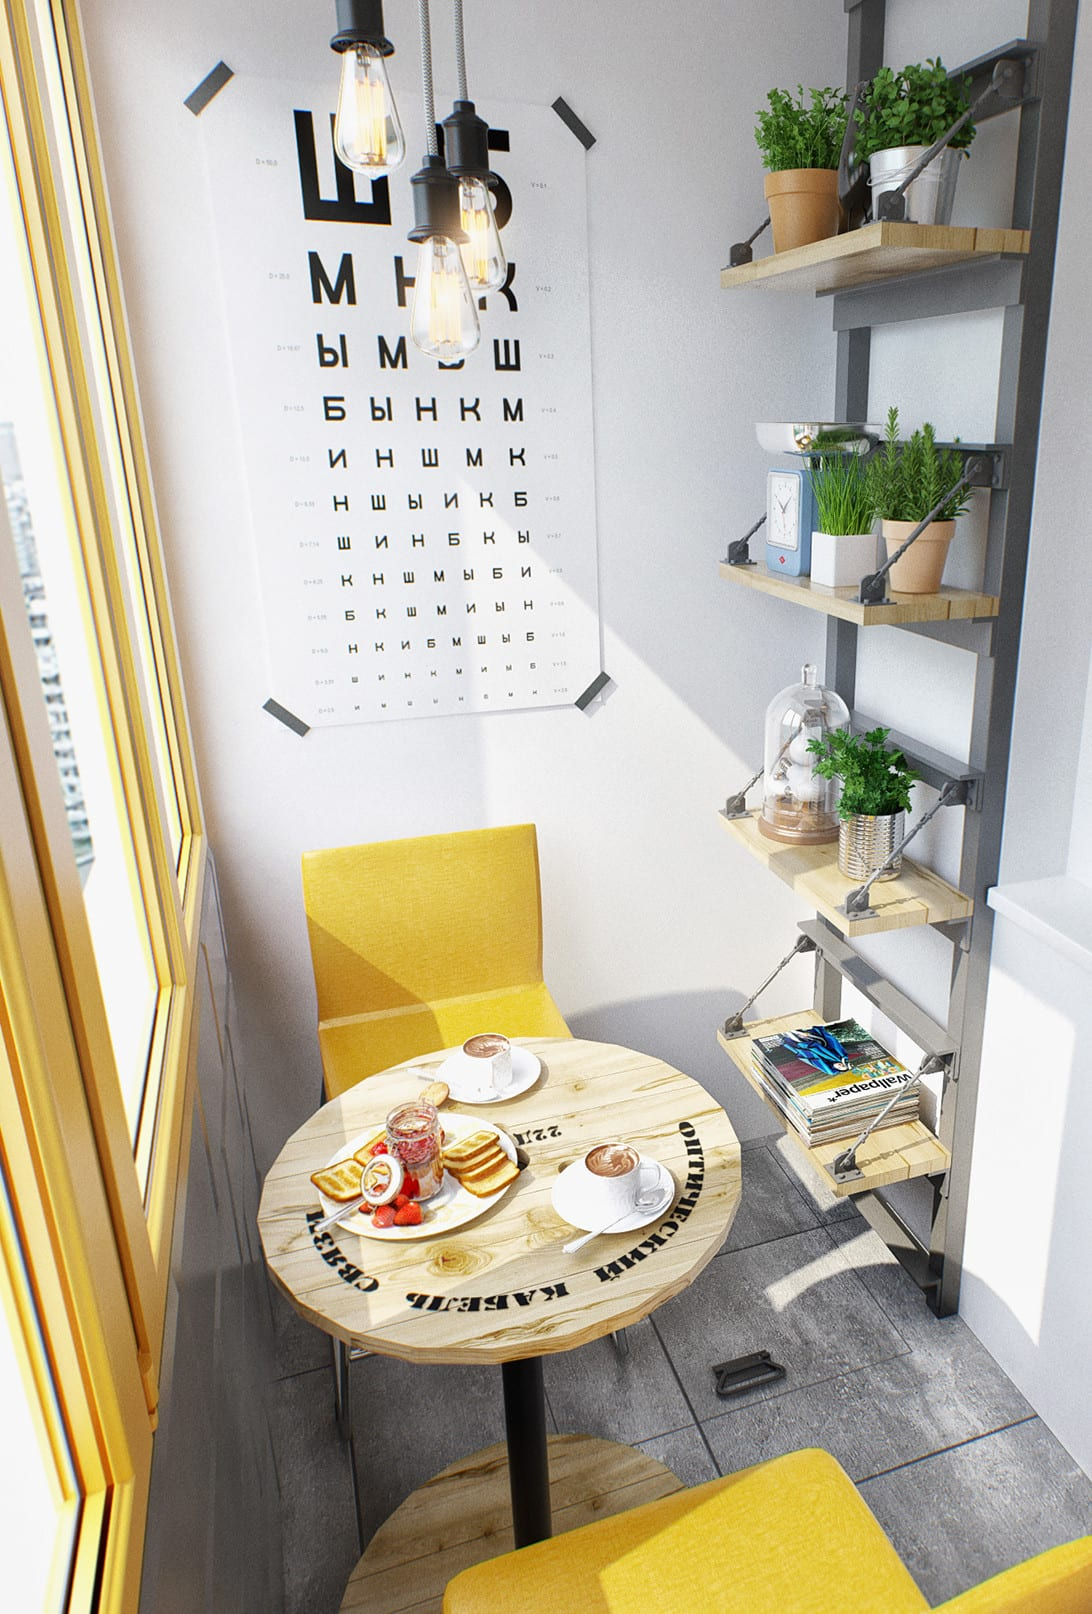 der kleine balkon kreativ einrichten mit rundtisch holz und wandregal aus metall und holz für dekoration mit pflanzen